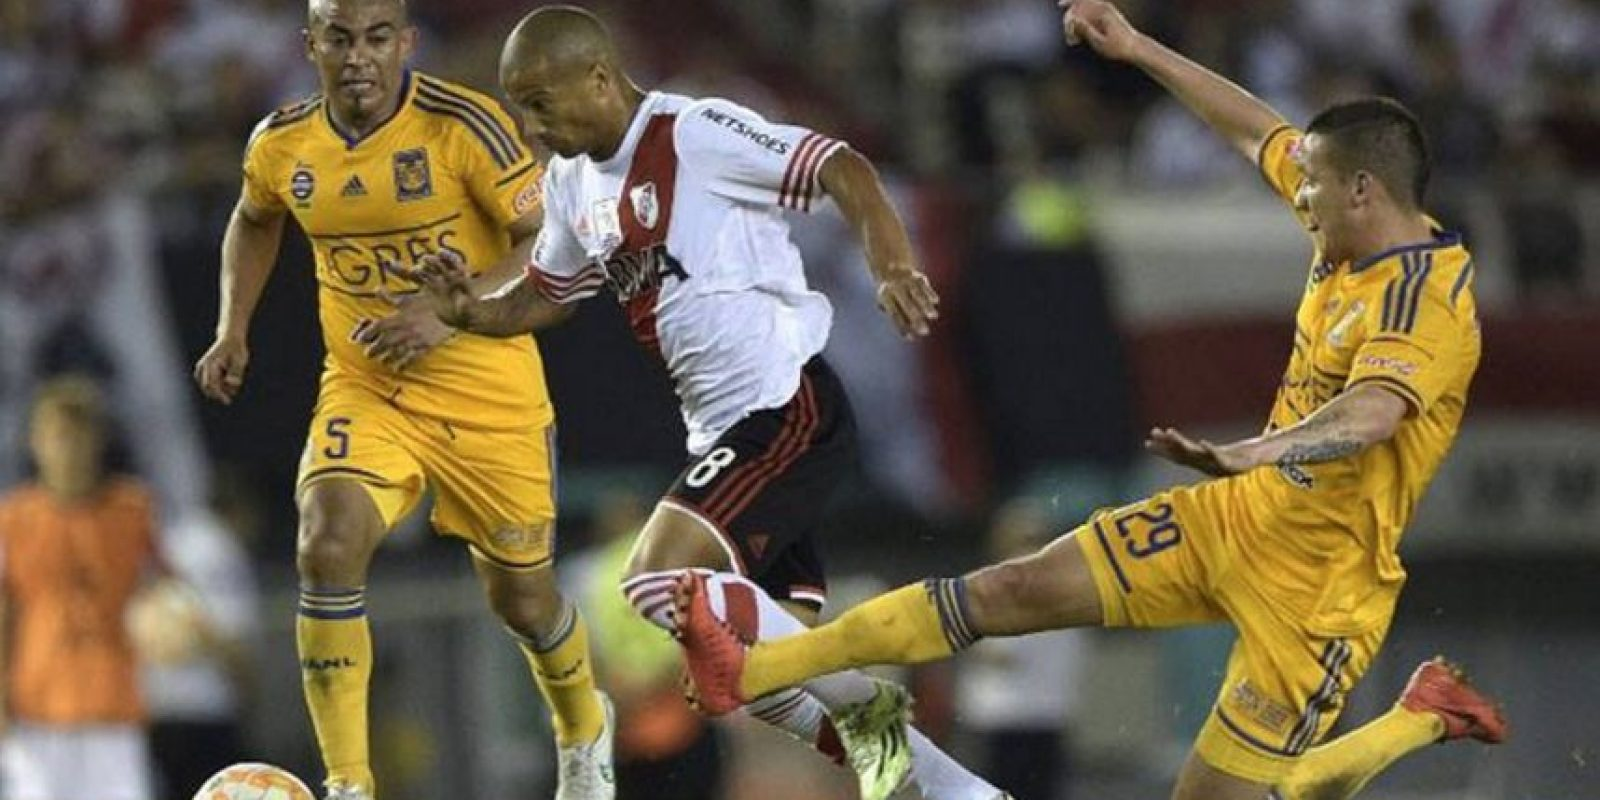 Tigres de México y River Plate de Argentina se enfrentan por el título continental. Foto:facebook.com/pages/Copa-Bridgestone-Libertadores-2015